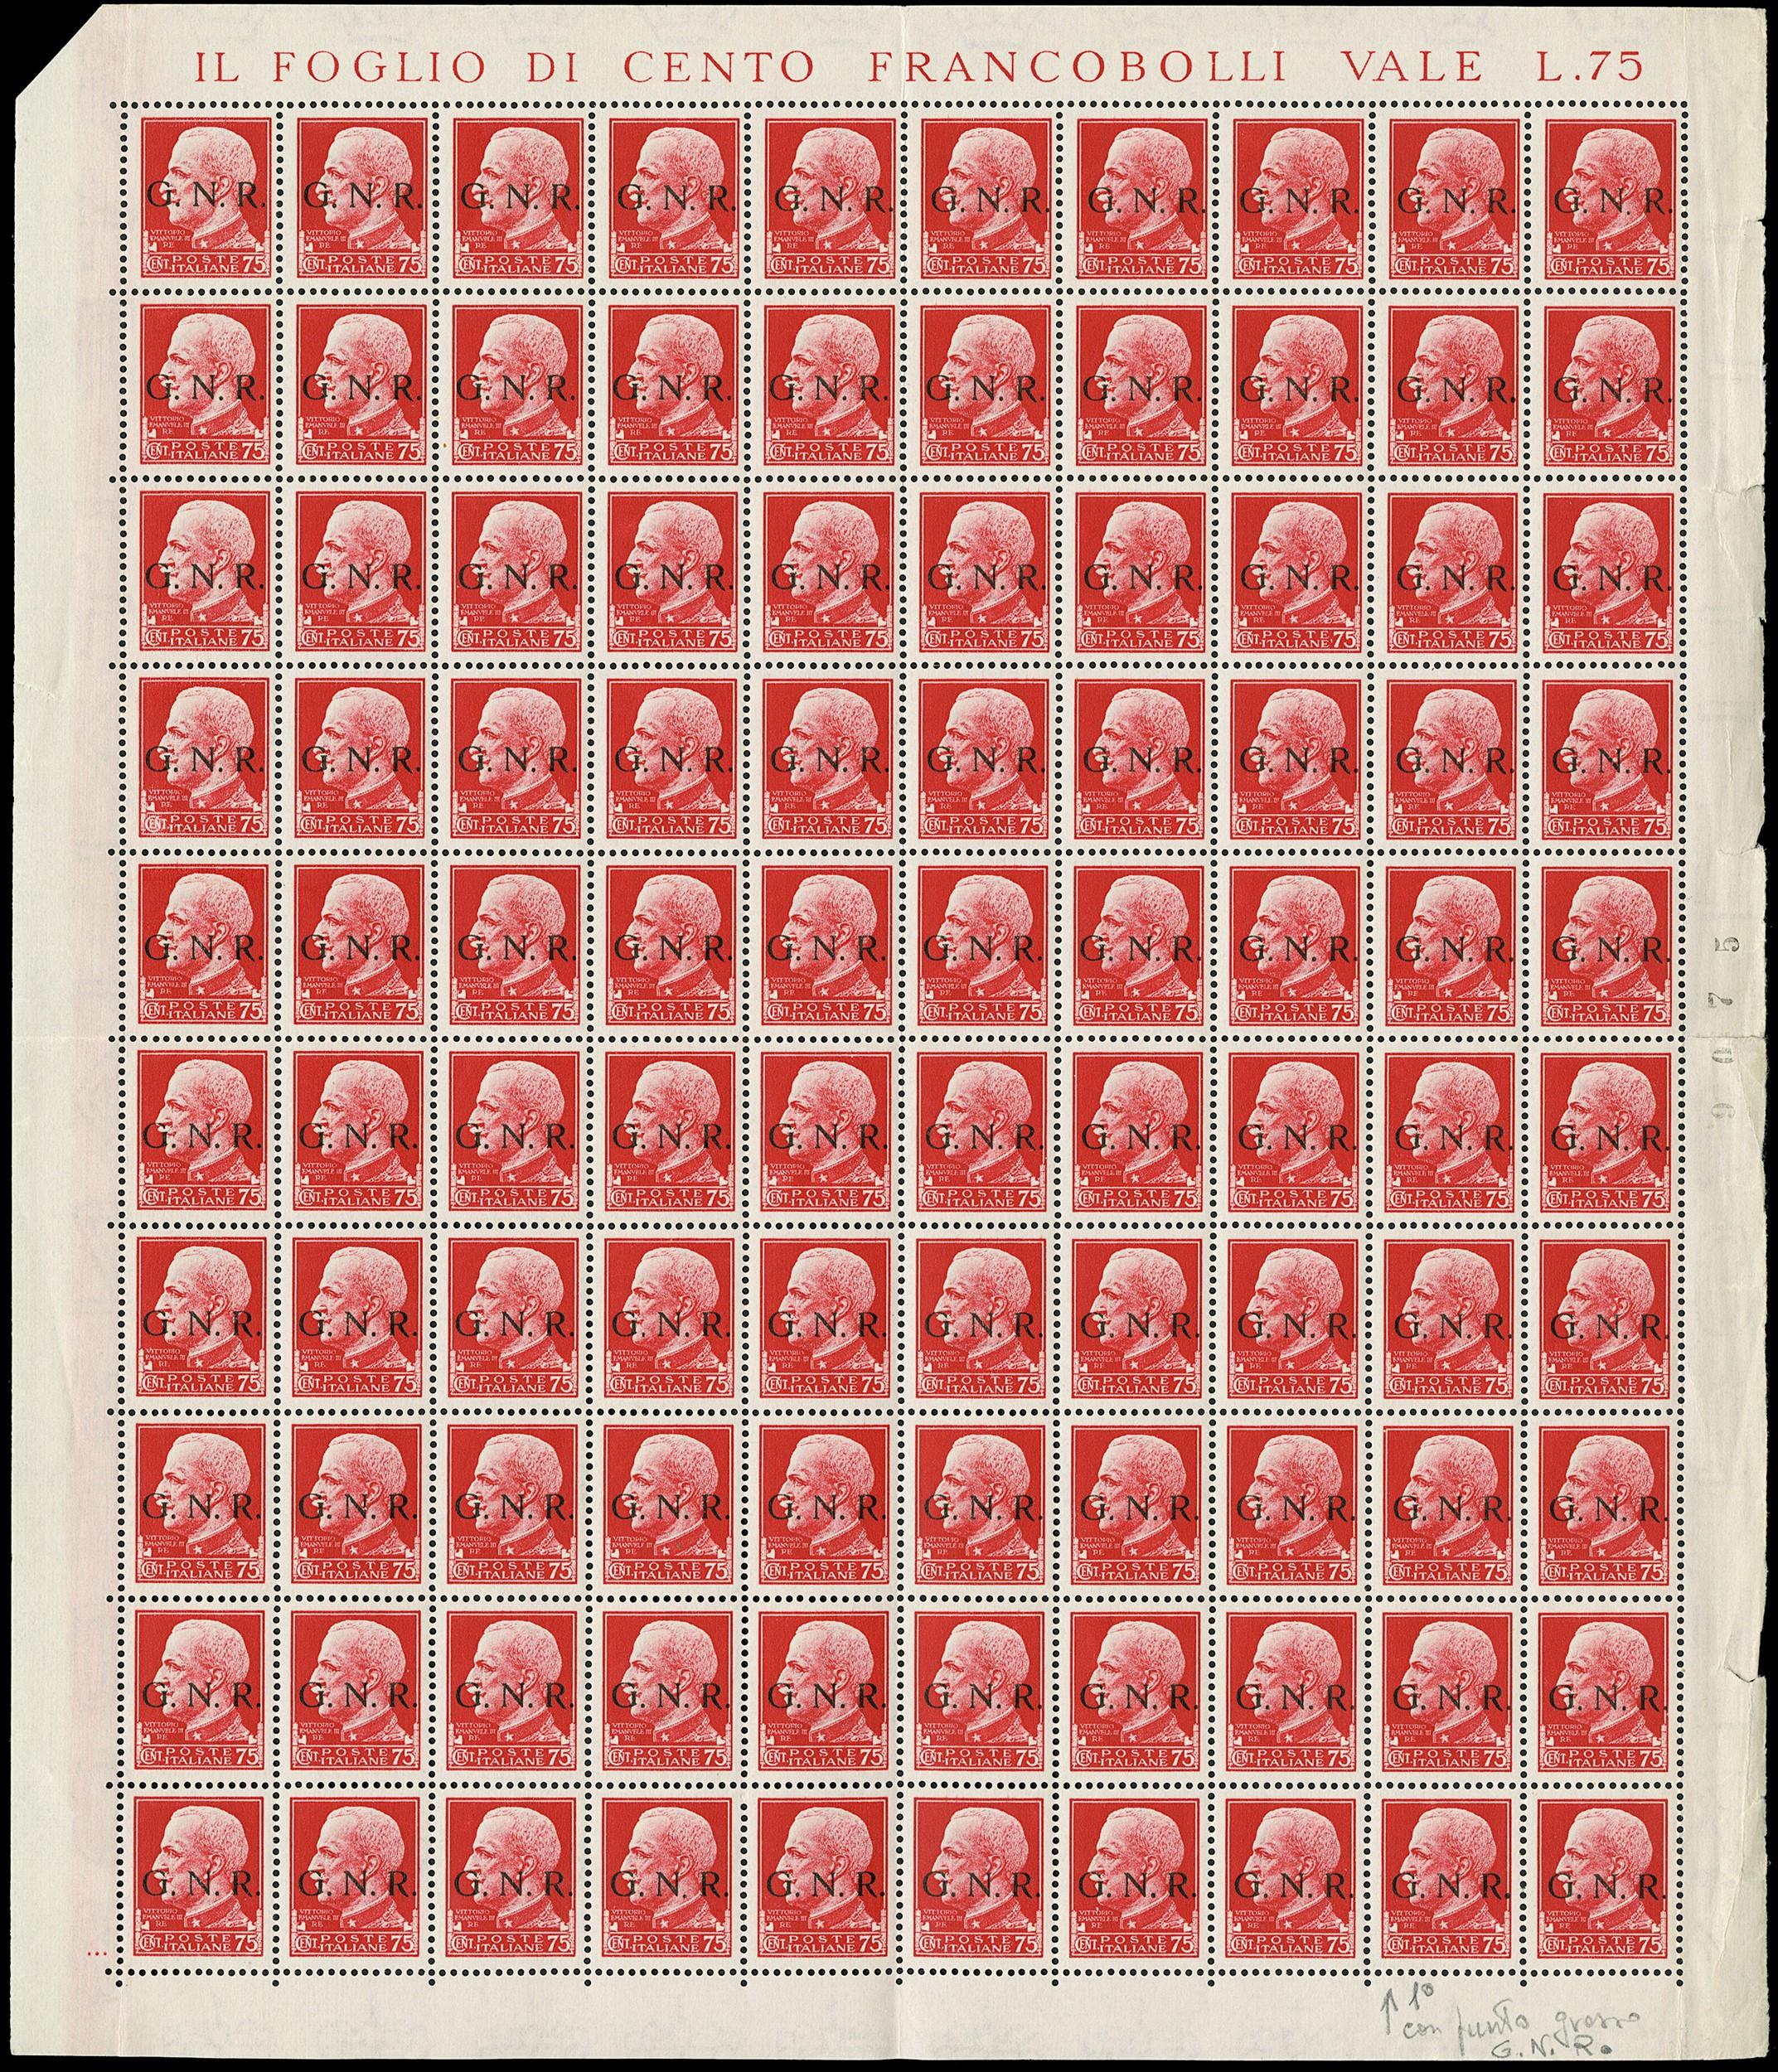 Lot 4066 - ITALIA RSI lotti e collezioni -  Zanaria Aste s.r.l. 9th Philatelic Auction